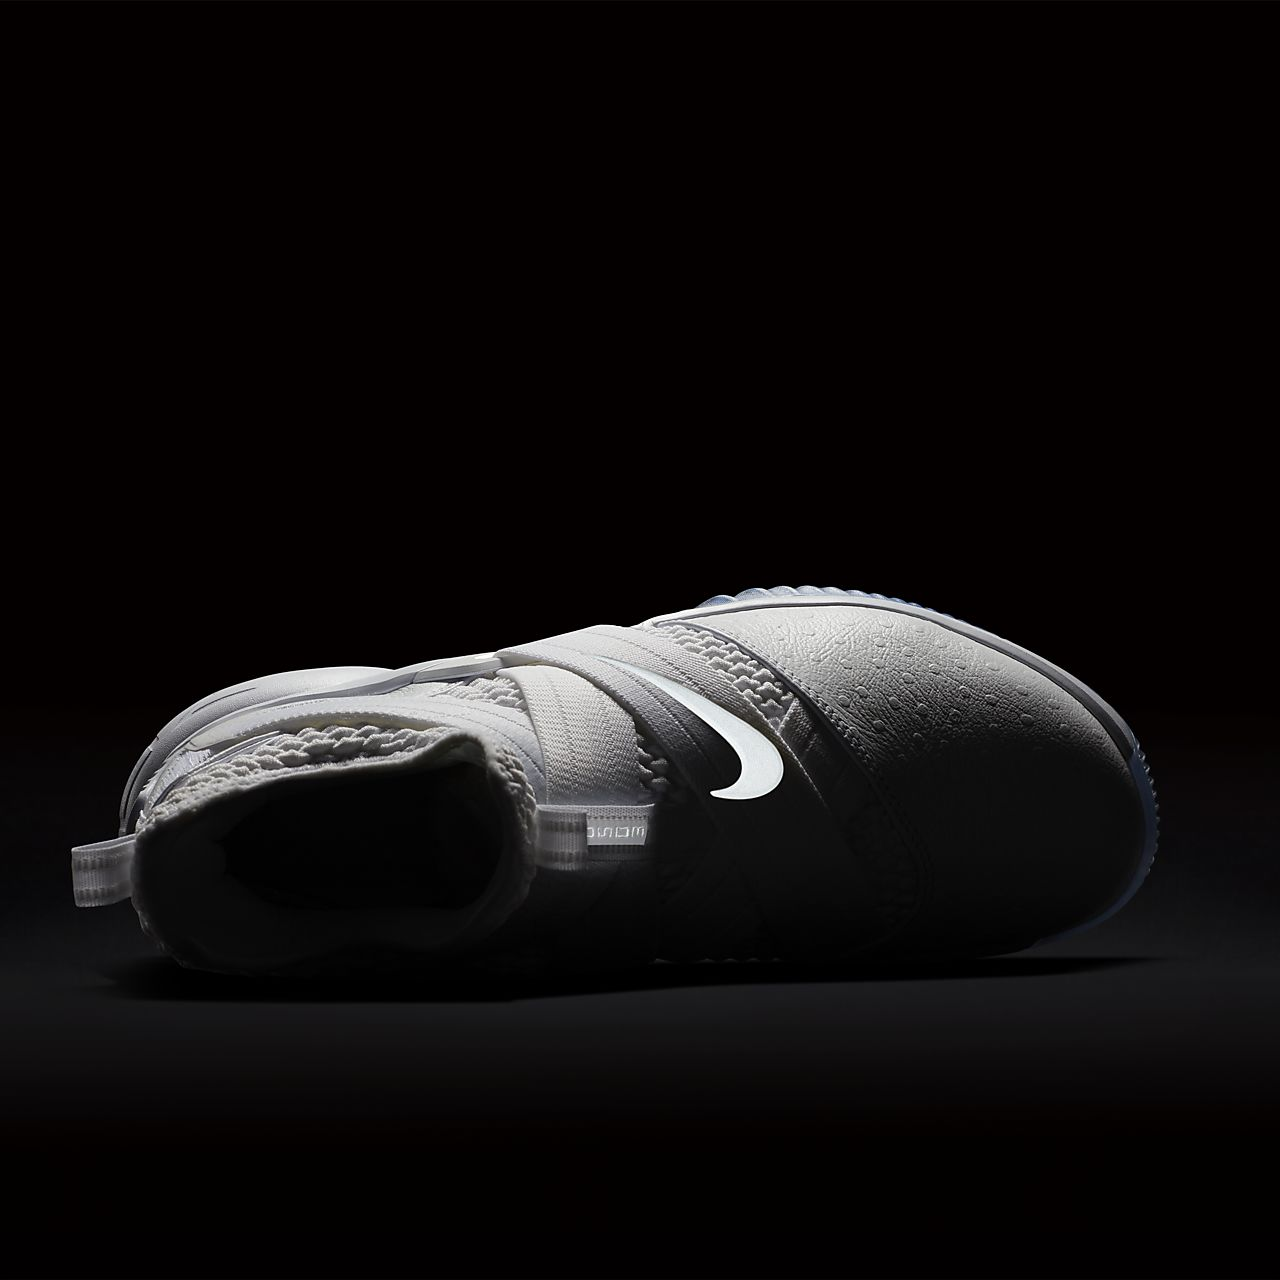 5f0f75909e405 Calzado de básquetbol LeBron Soldier 12 SFG. Nike.com MX